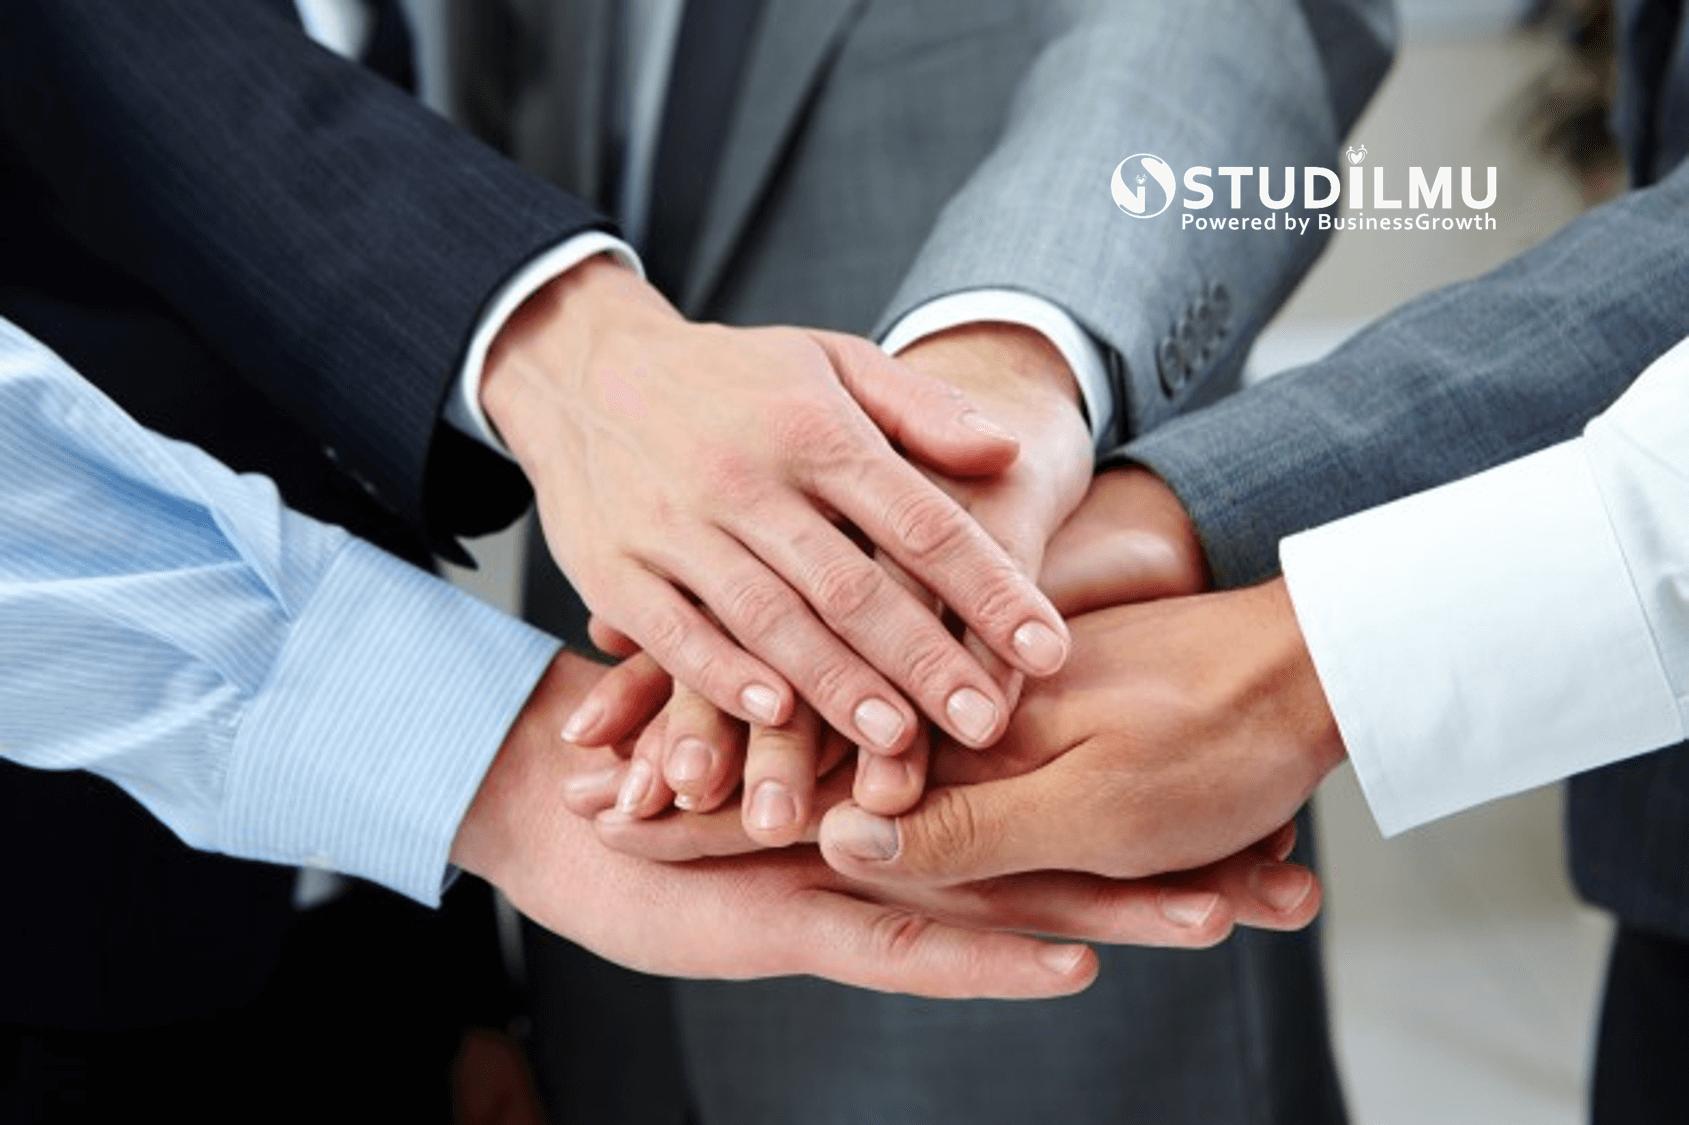 STUDILMU Career Advice - Pentingnya Integritas dan Kejujuran Hati di Dunia Kerja